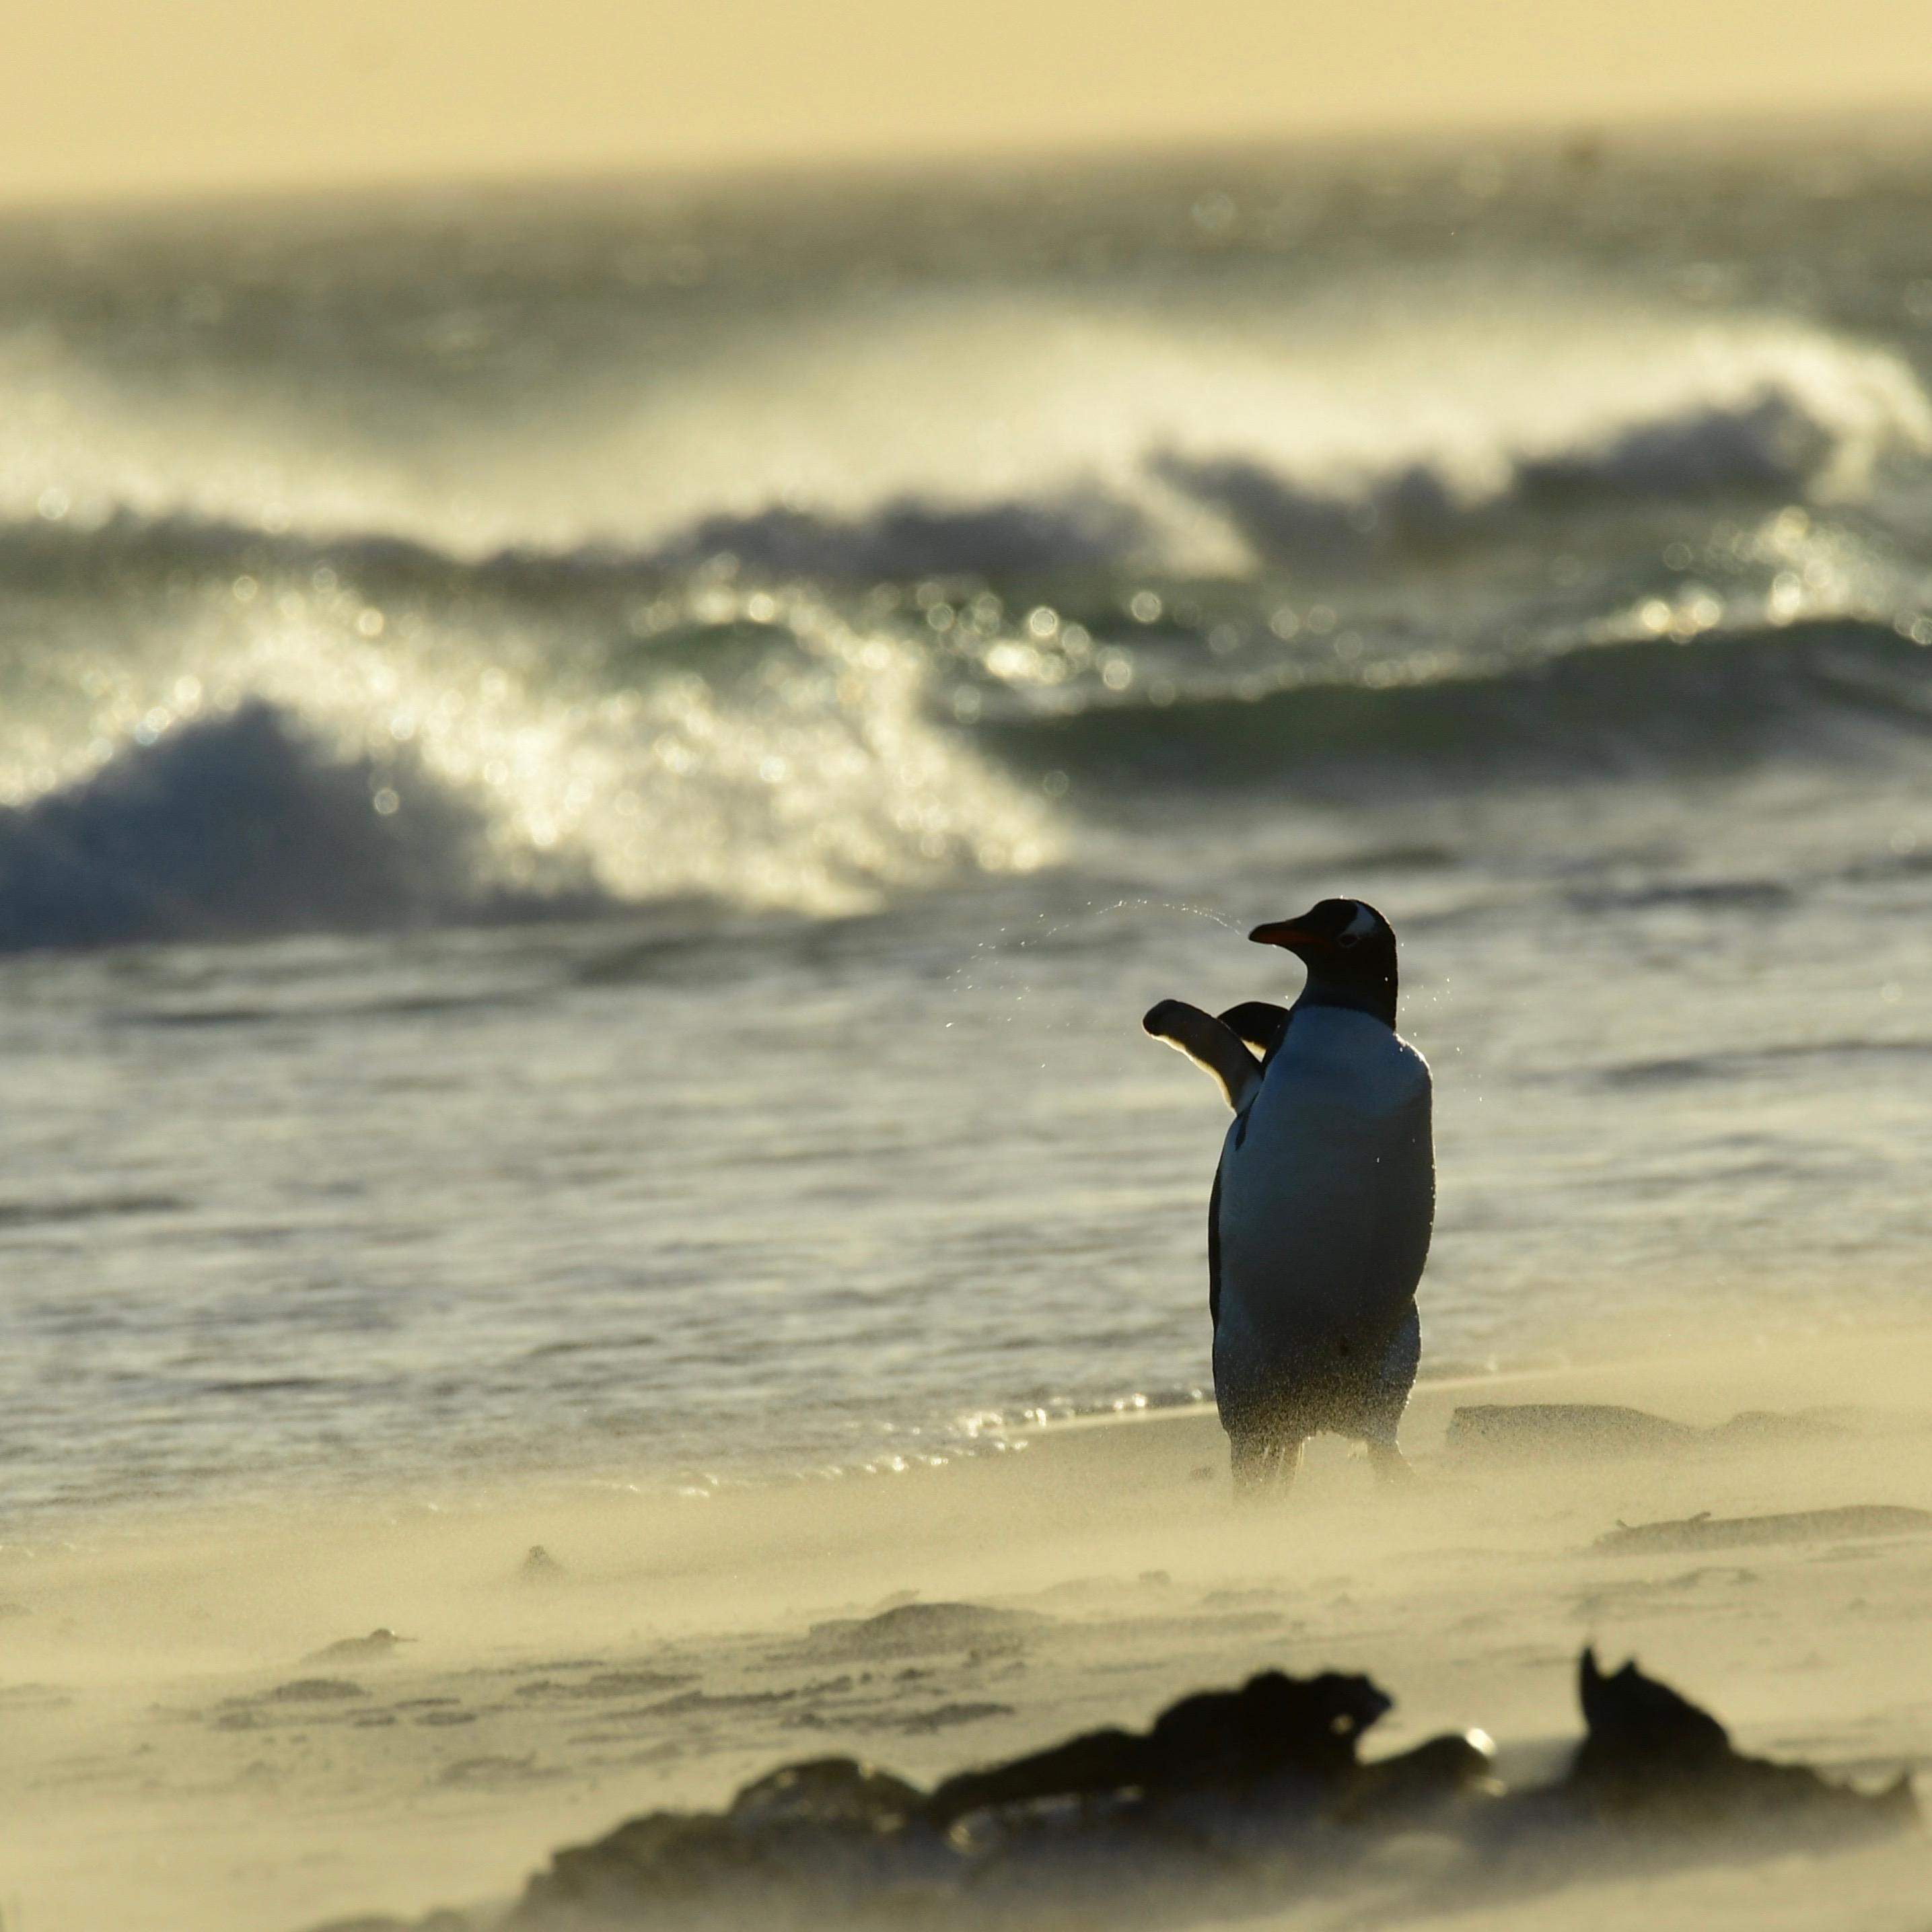 Falklands, Gentoo aerobics at dawn